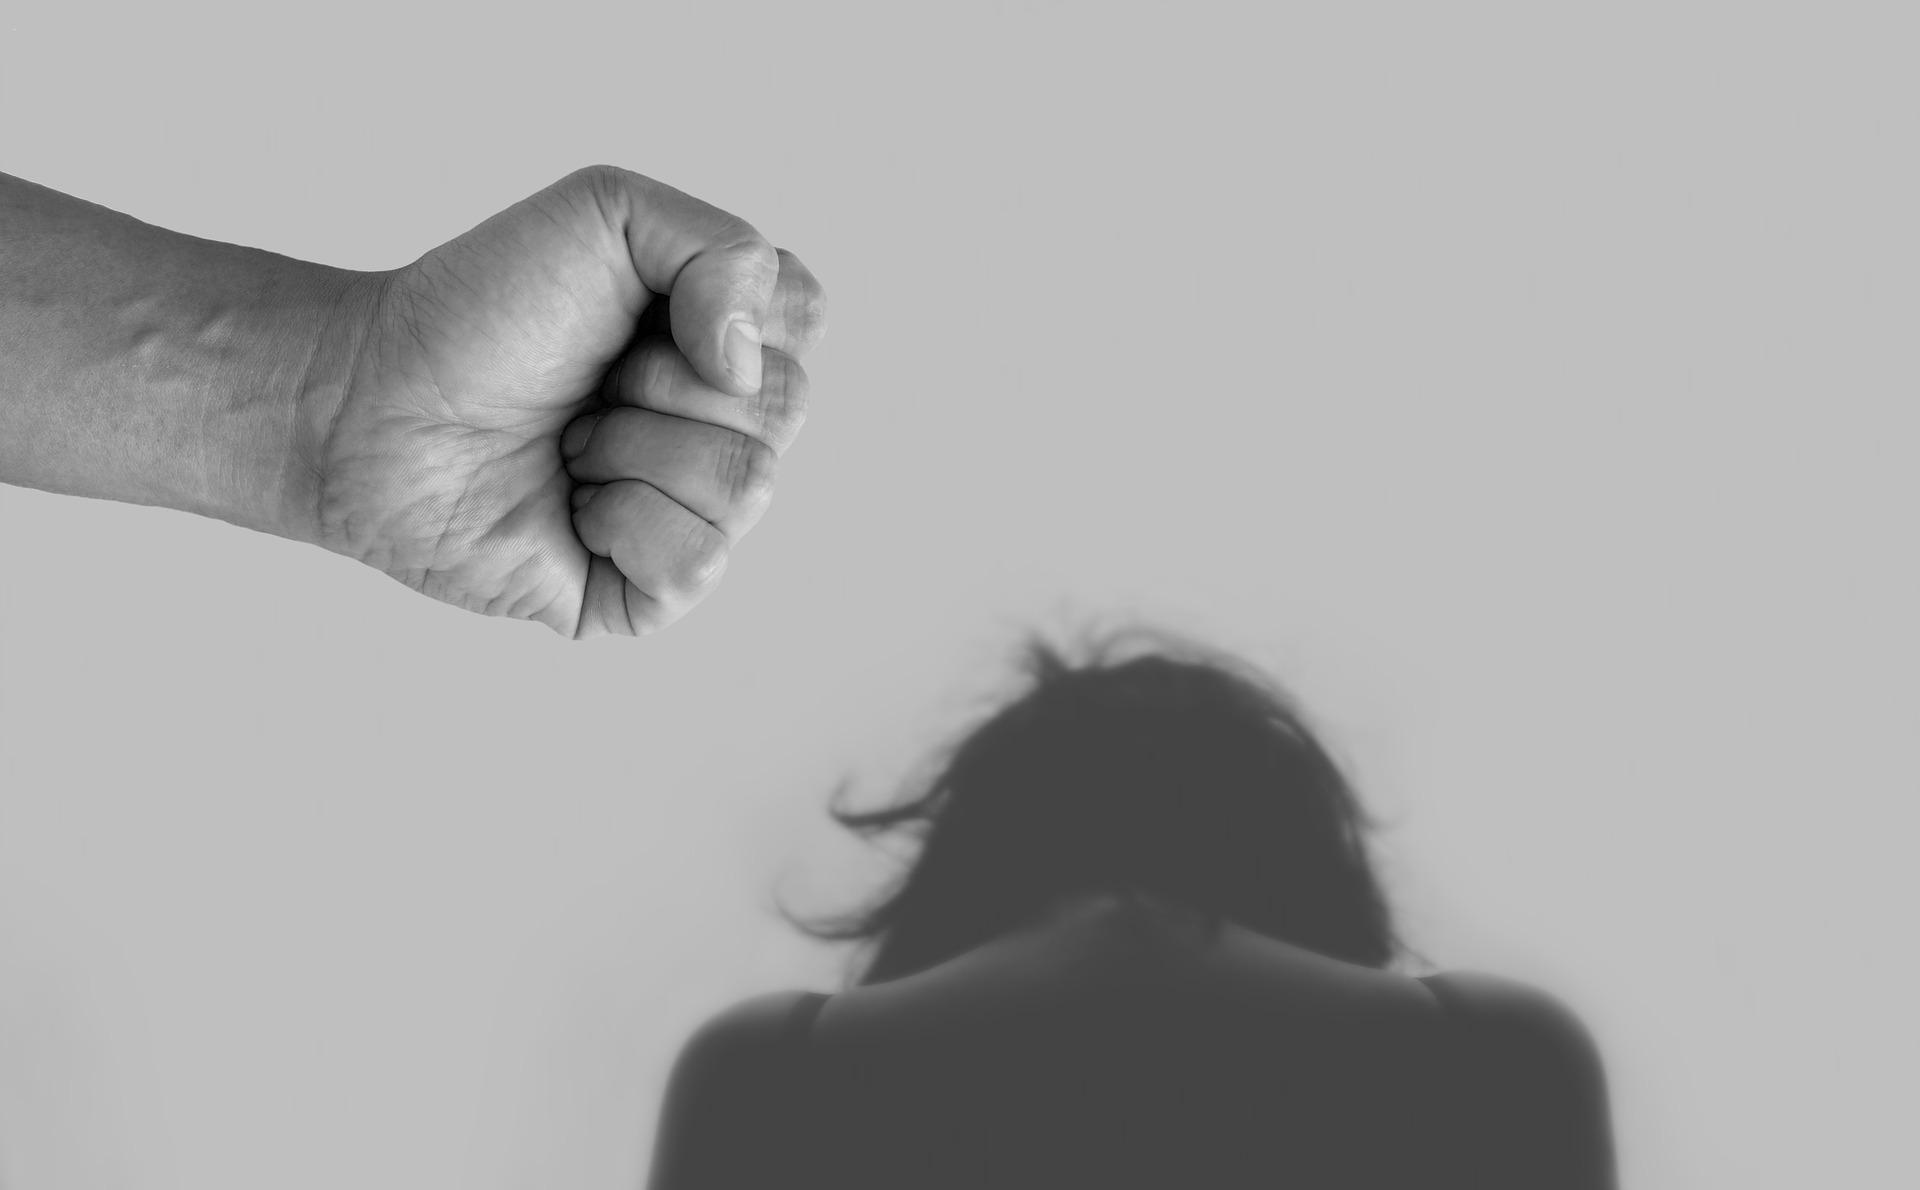 Maltrattamenti in famiglia violenza domestica